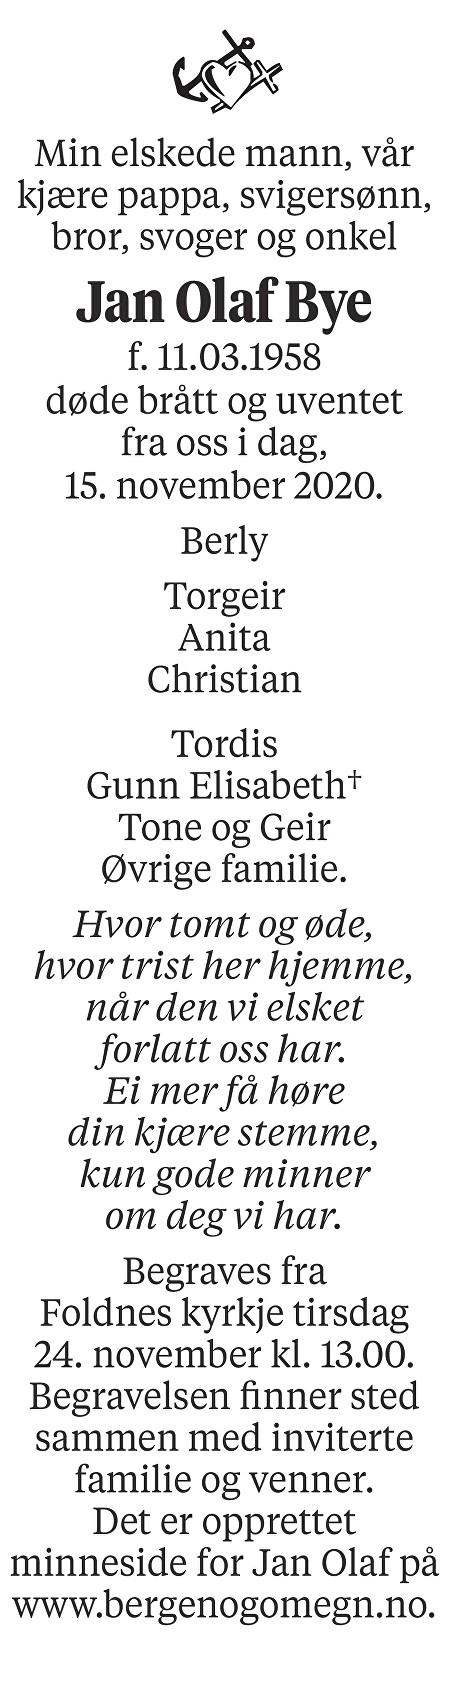 Jan Olaf Bye Dødsannonse